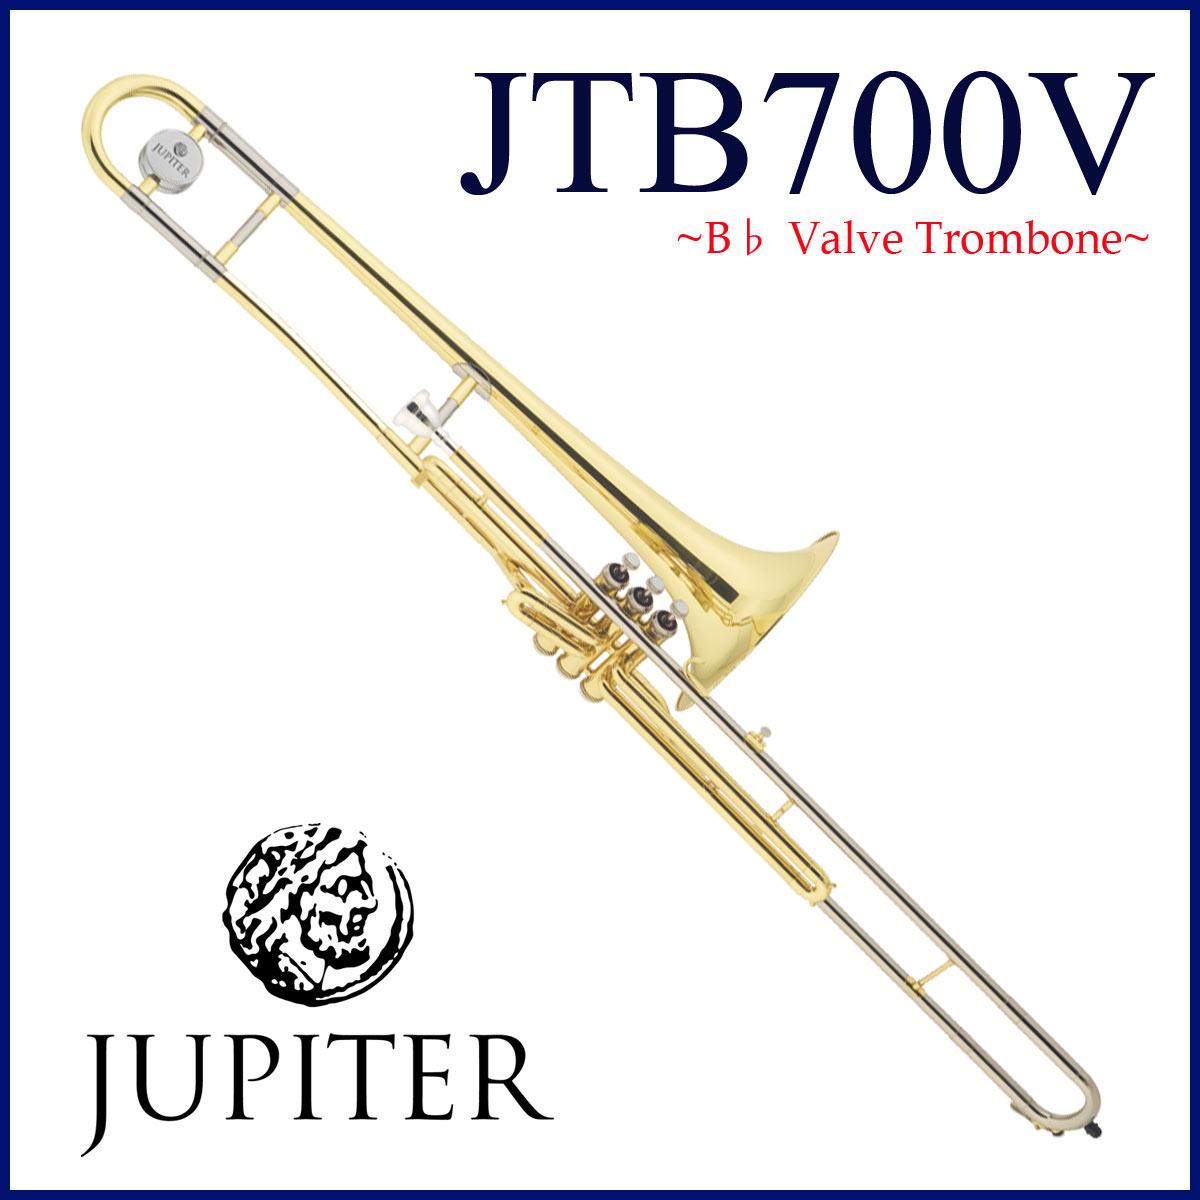 【限定価格セール!】 JUPITER ジュピター/ JTB-700V JTB-700V ジュピター/ バルブトロンボーン ラッカー仕上【お取り寄せ】, 財田町:157f7b67 --- toscanofood.it